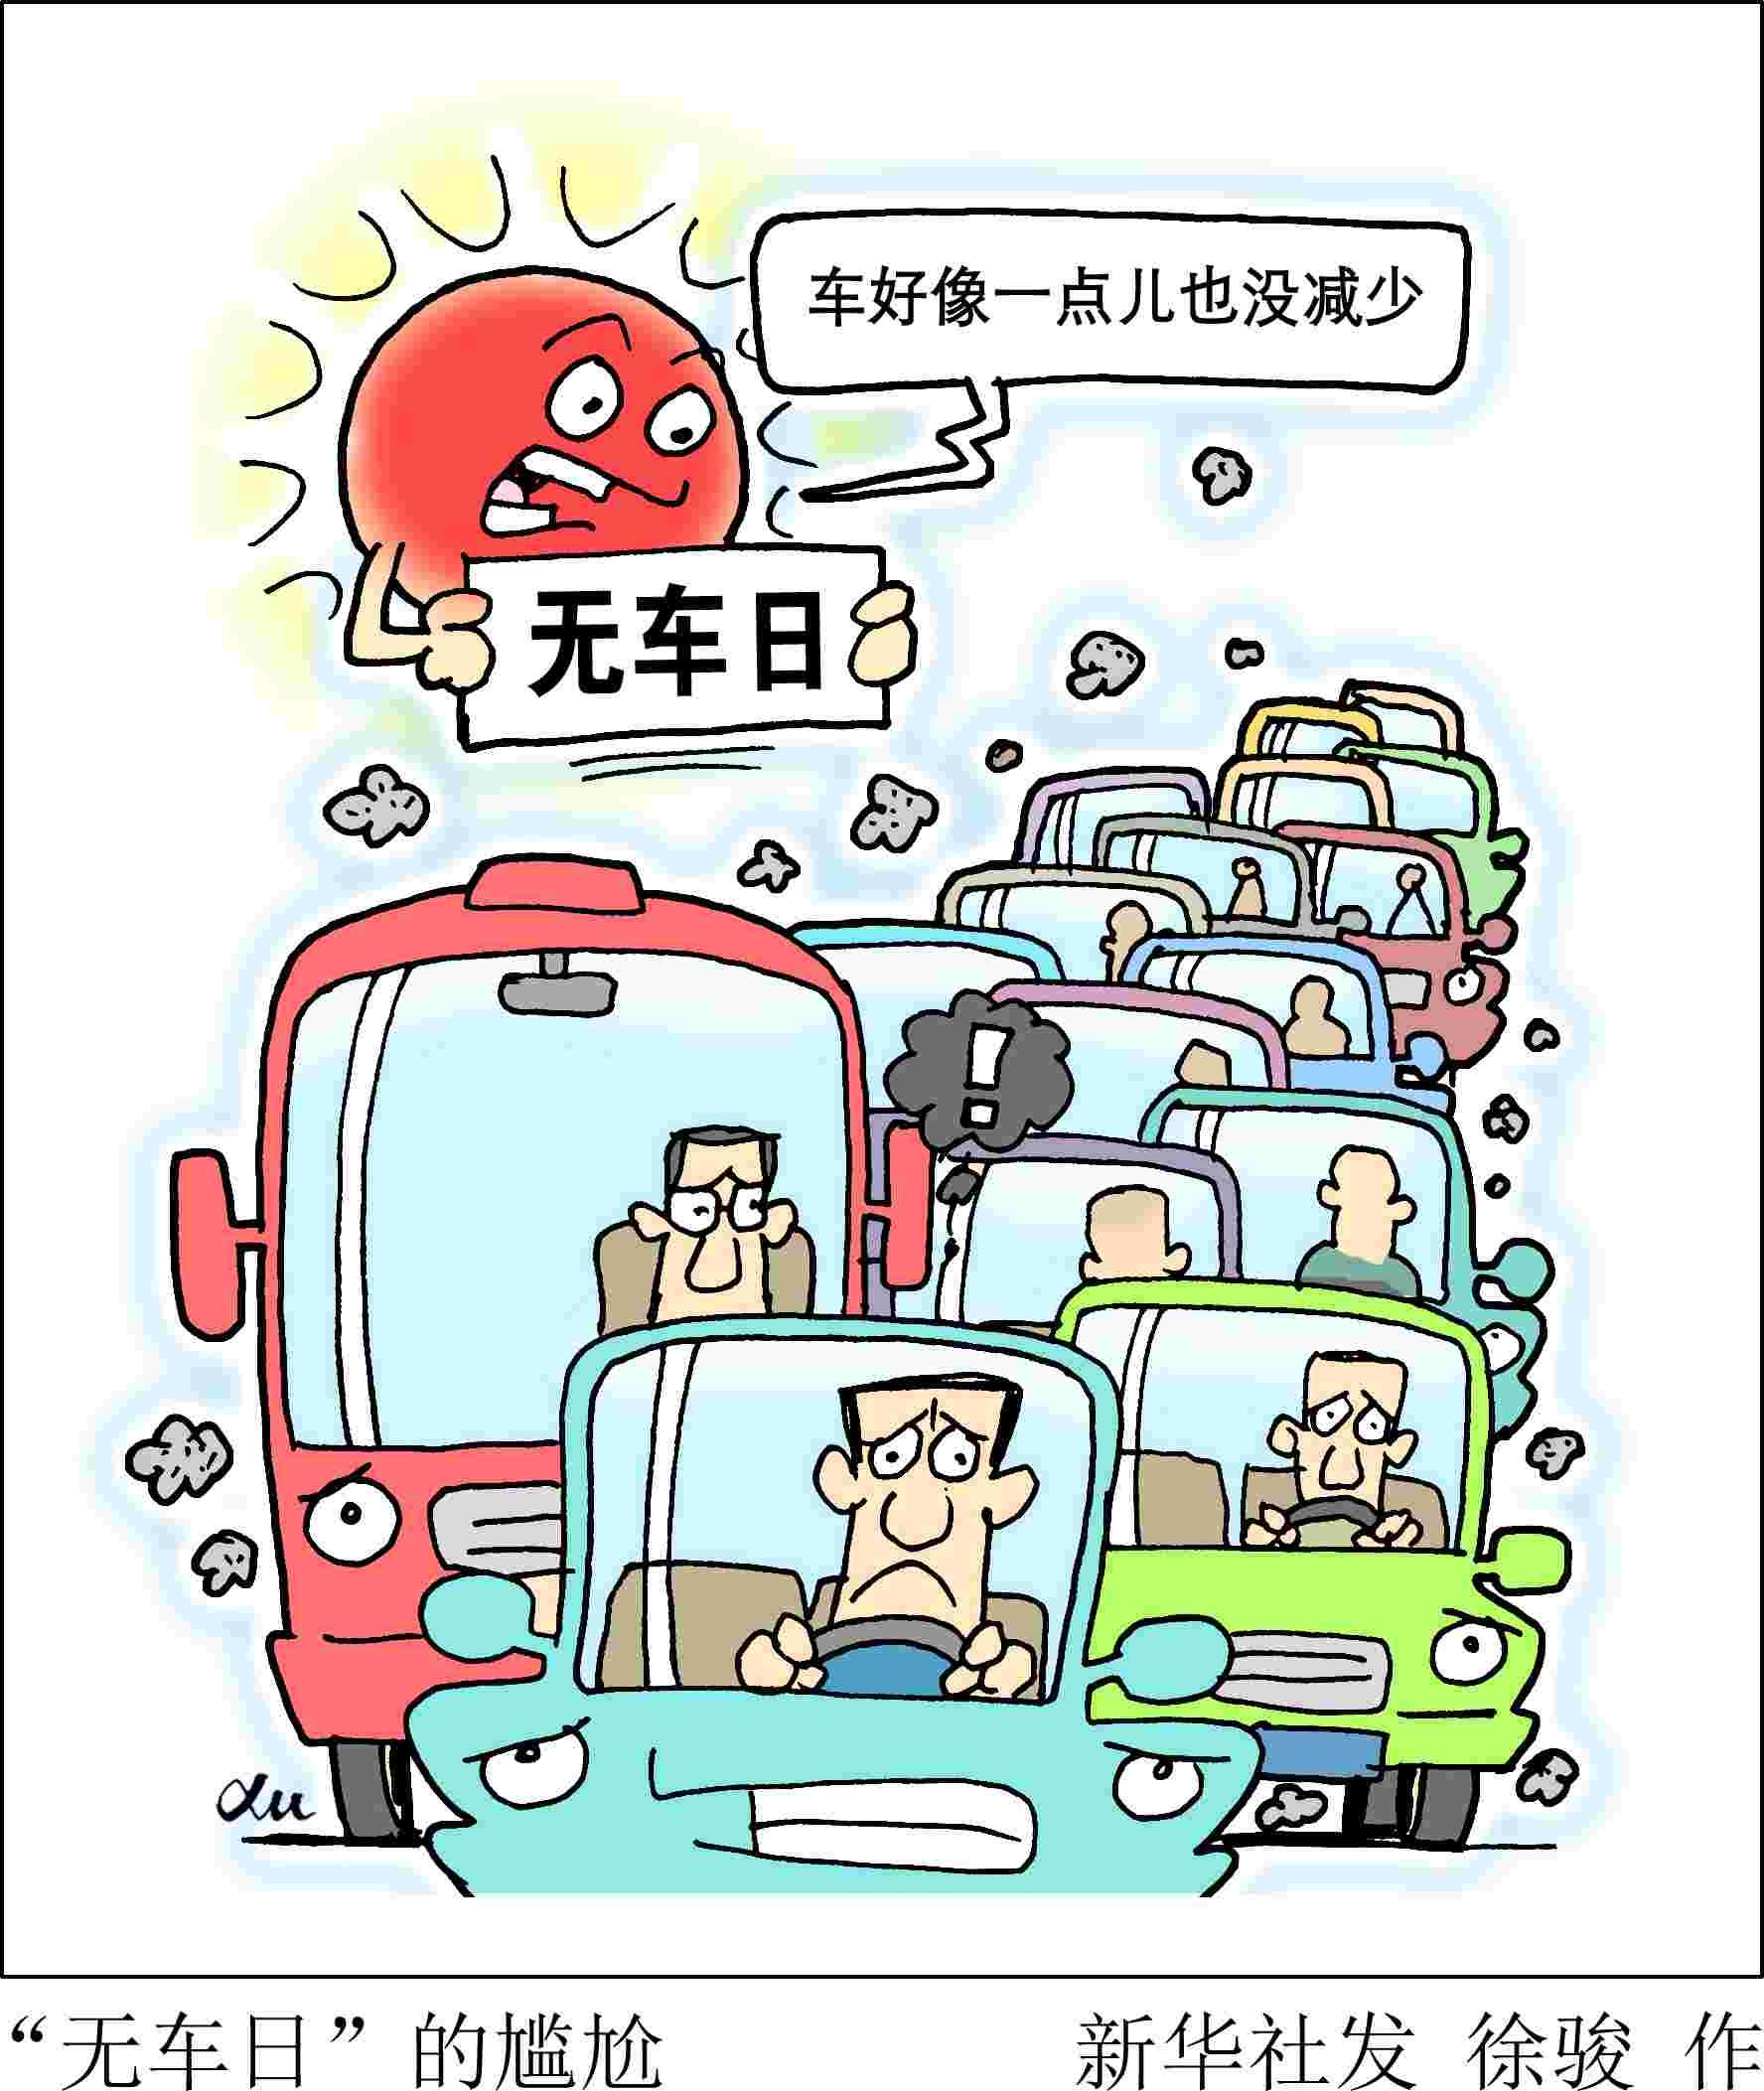 (锐漫画)无车日堵车不是a漫画?摆脱本子我漫画家图片